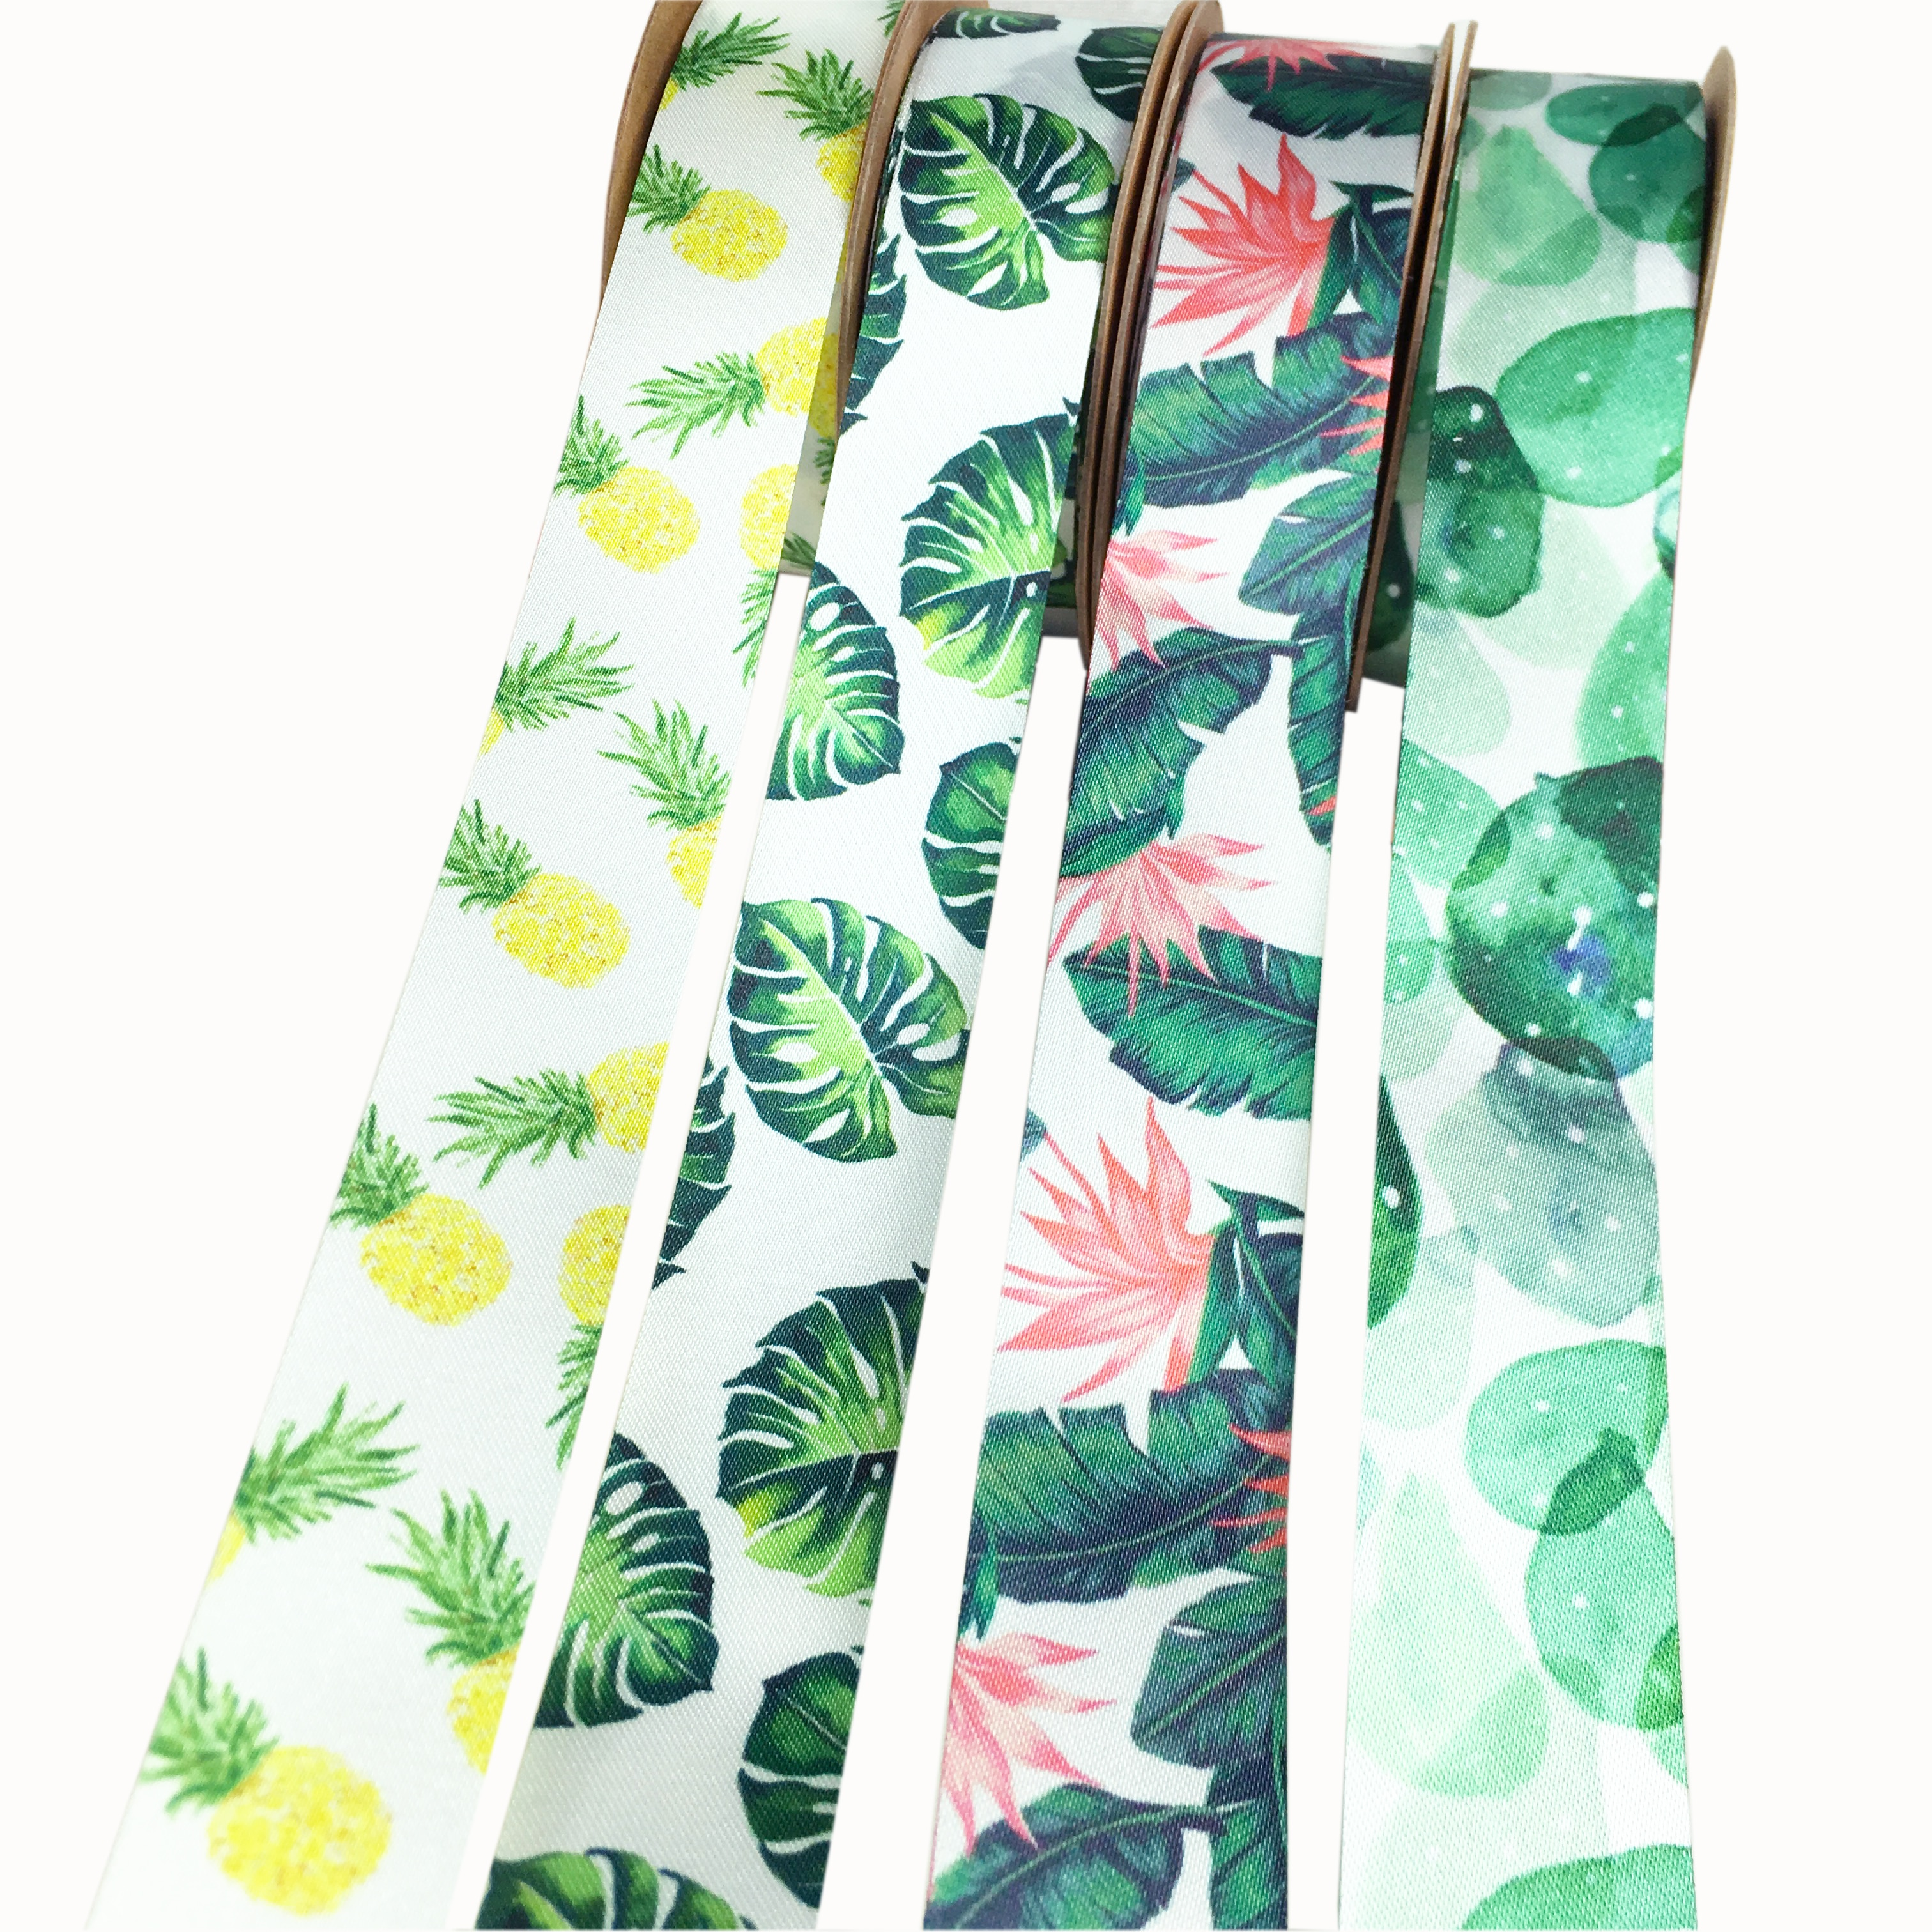 Nuevo conjunto de cintas de raso con colores variados, cinta de raso impresa DIY, lazos para el pelo para envolver regalos, flamenco Tropical, accesorio hecho a mano para bodas, 2 yardas